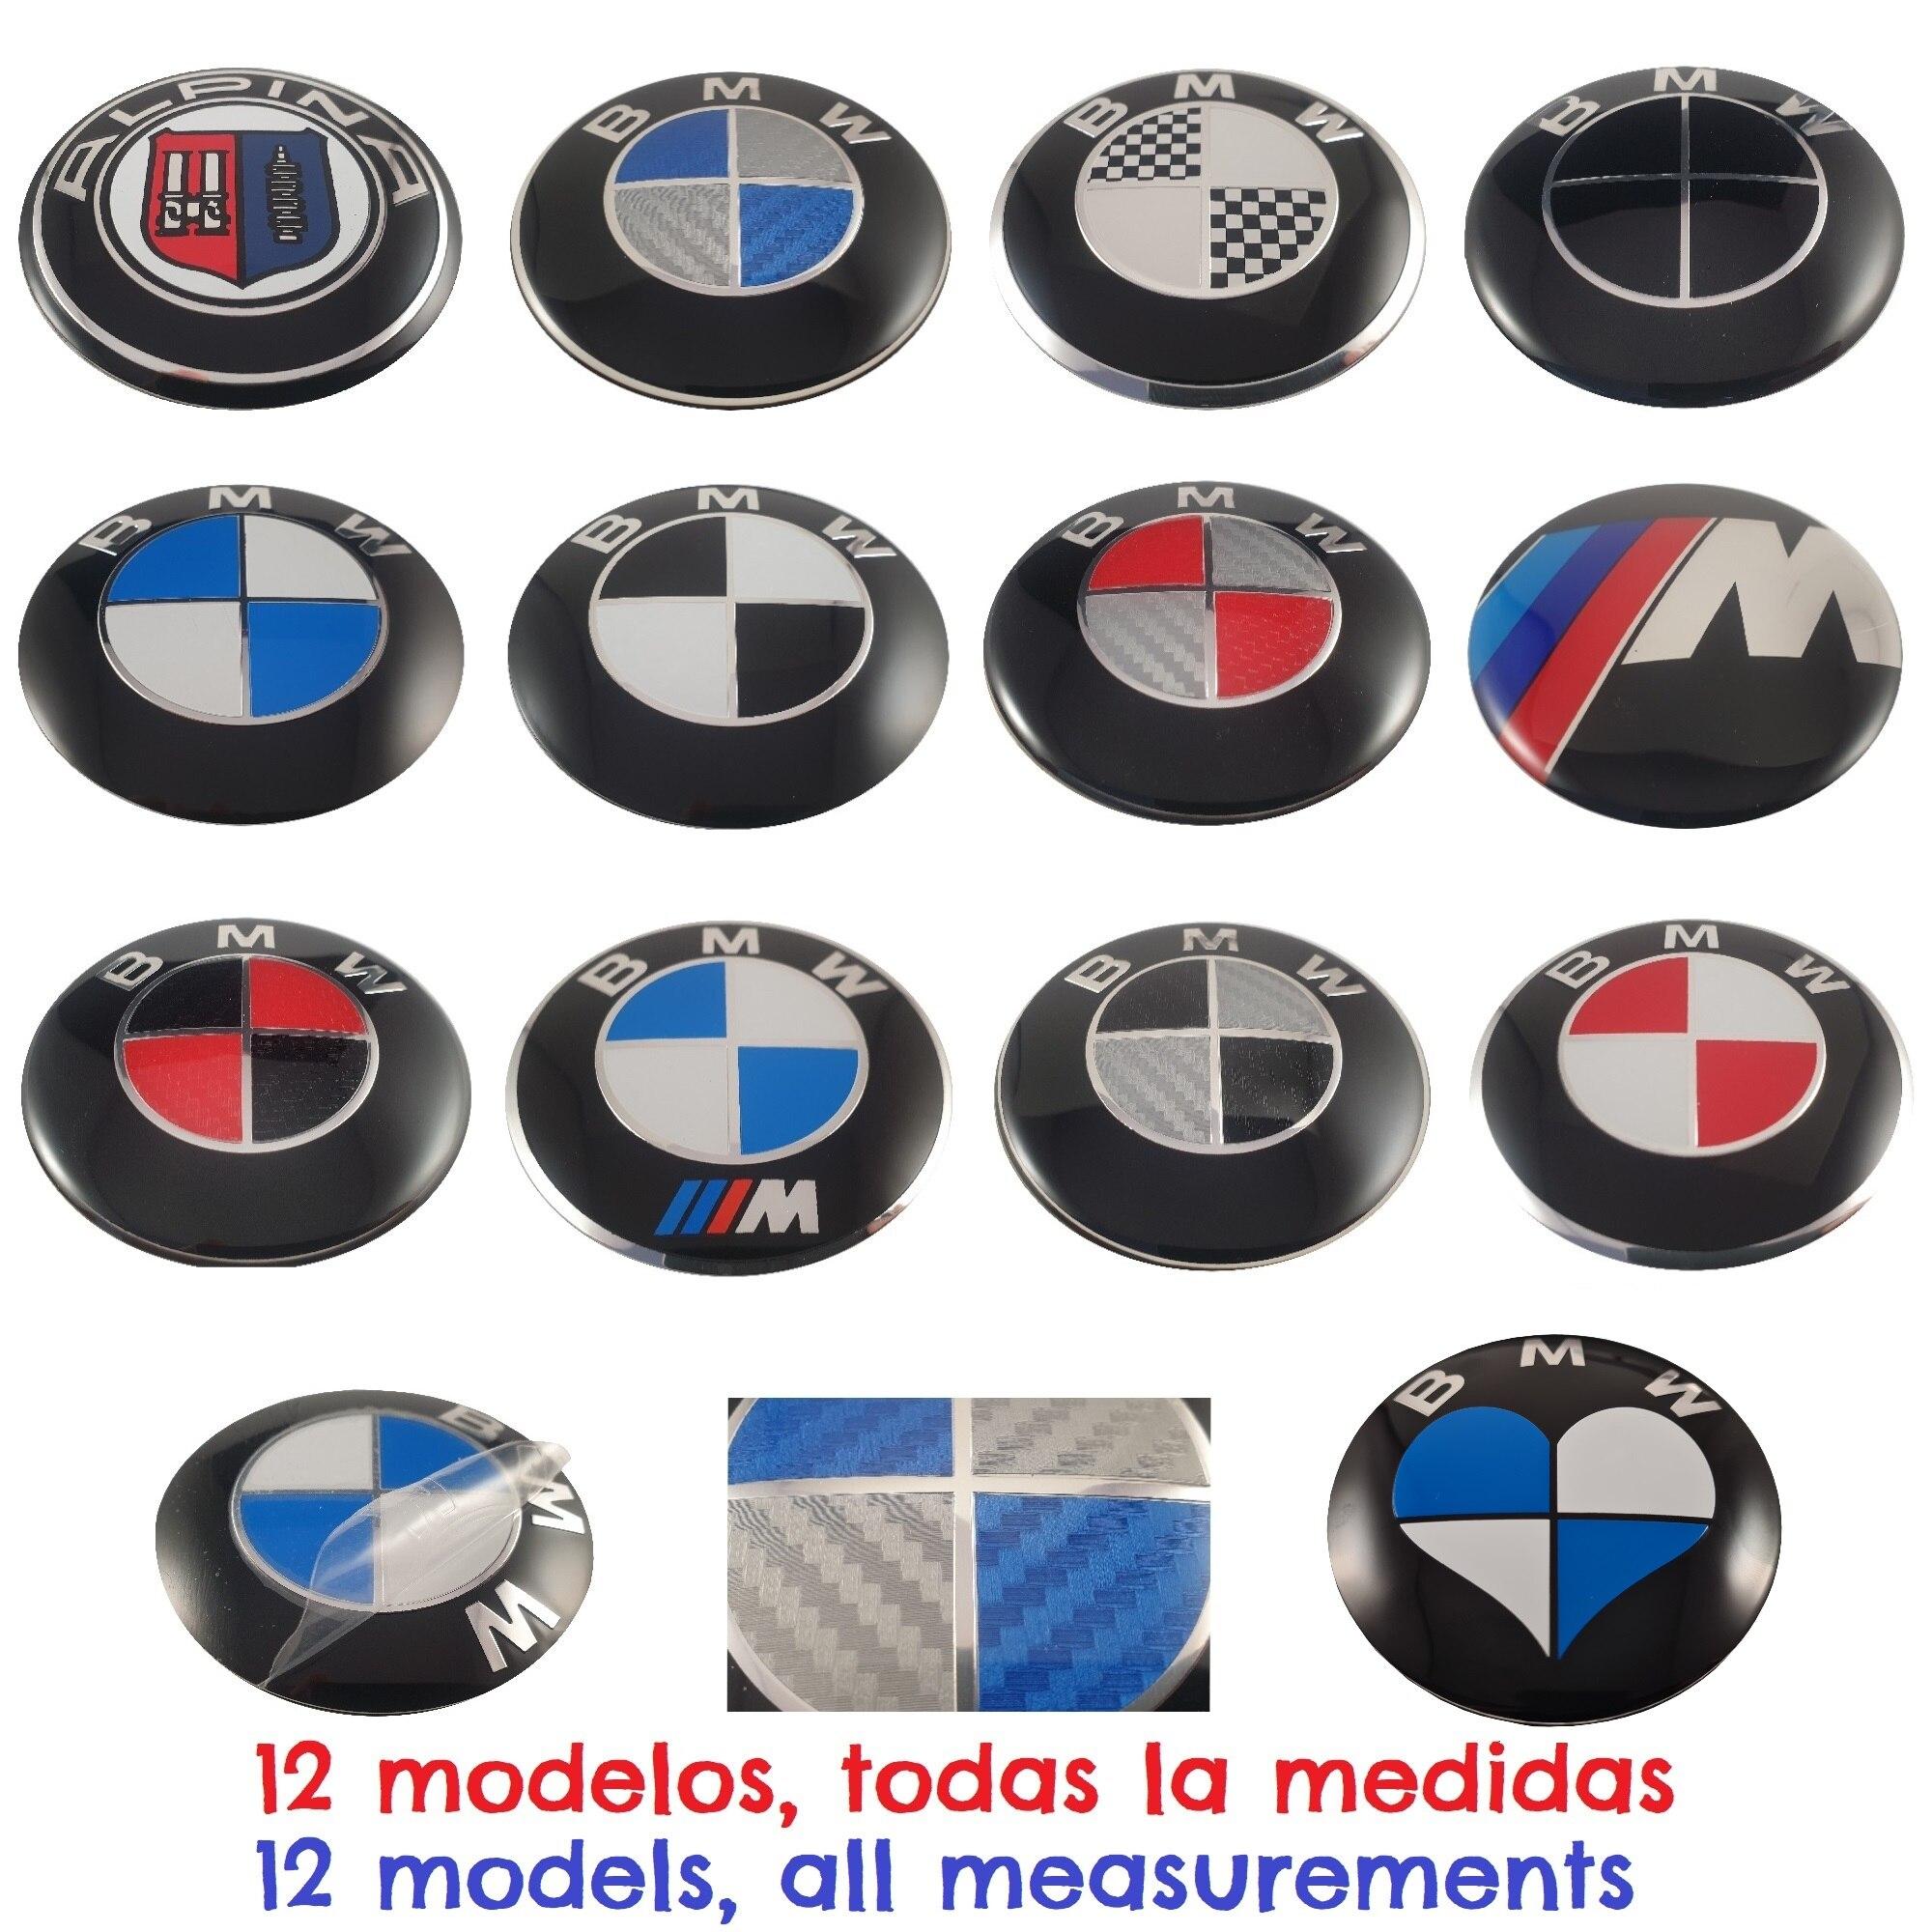 Logo BMW compatible 82mm 78mm 74mm 68mm 45mm 11mm pour voiture Logo emblème automobile (Pas d'origine BMW) aut016